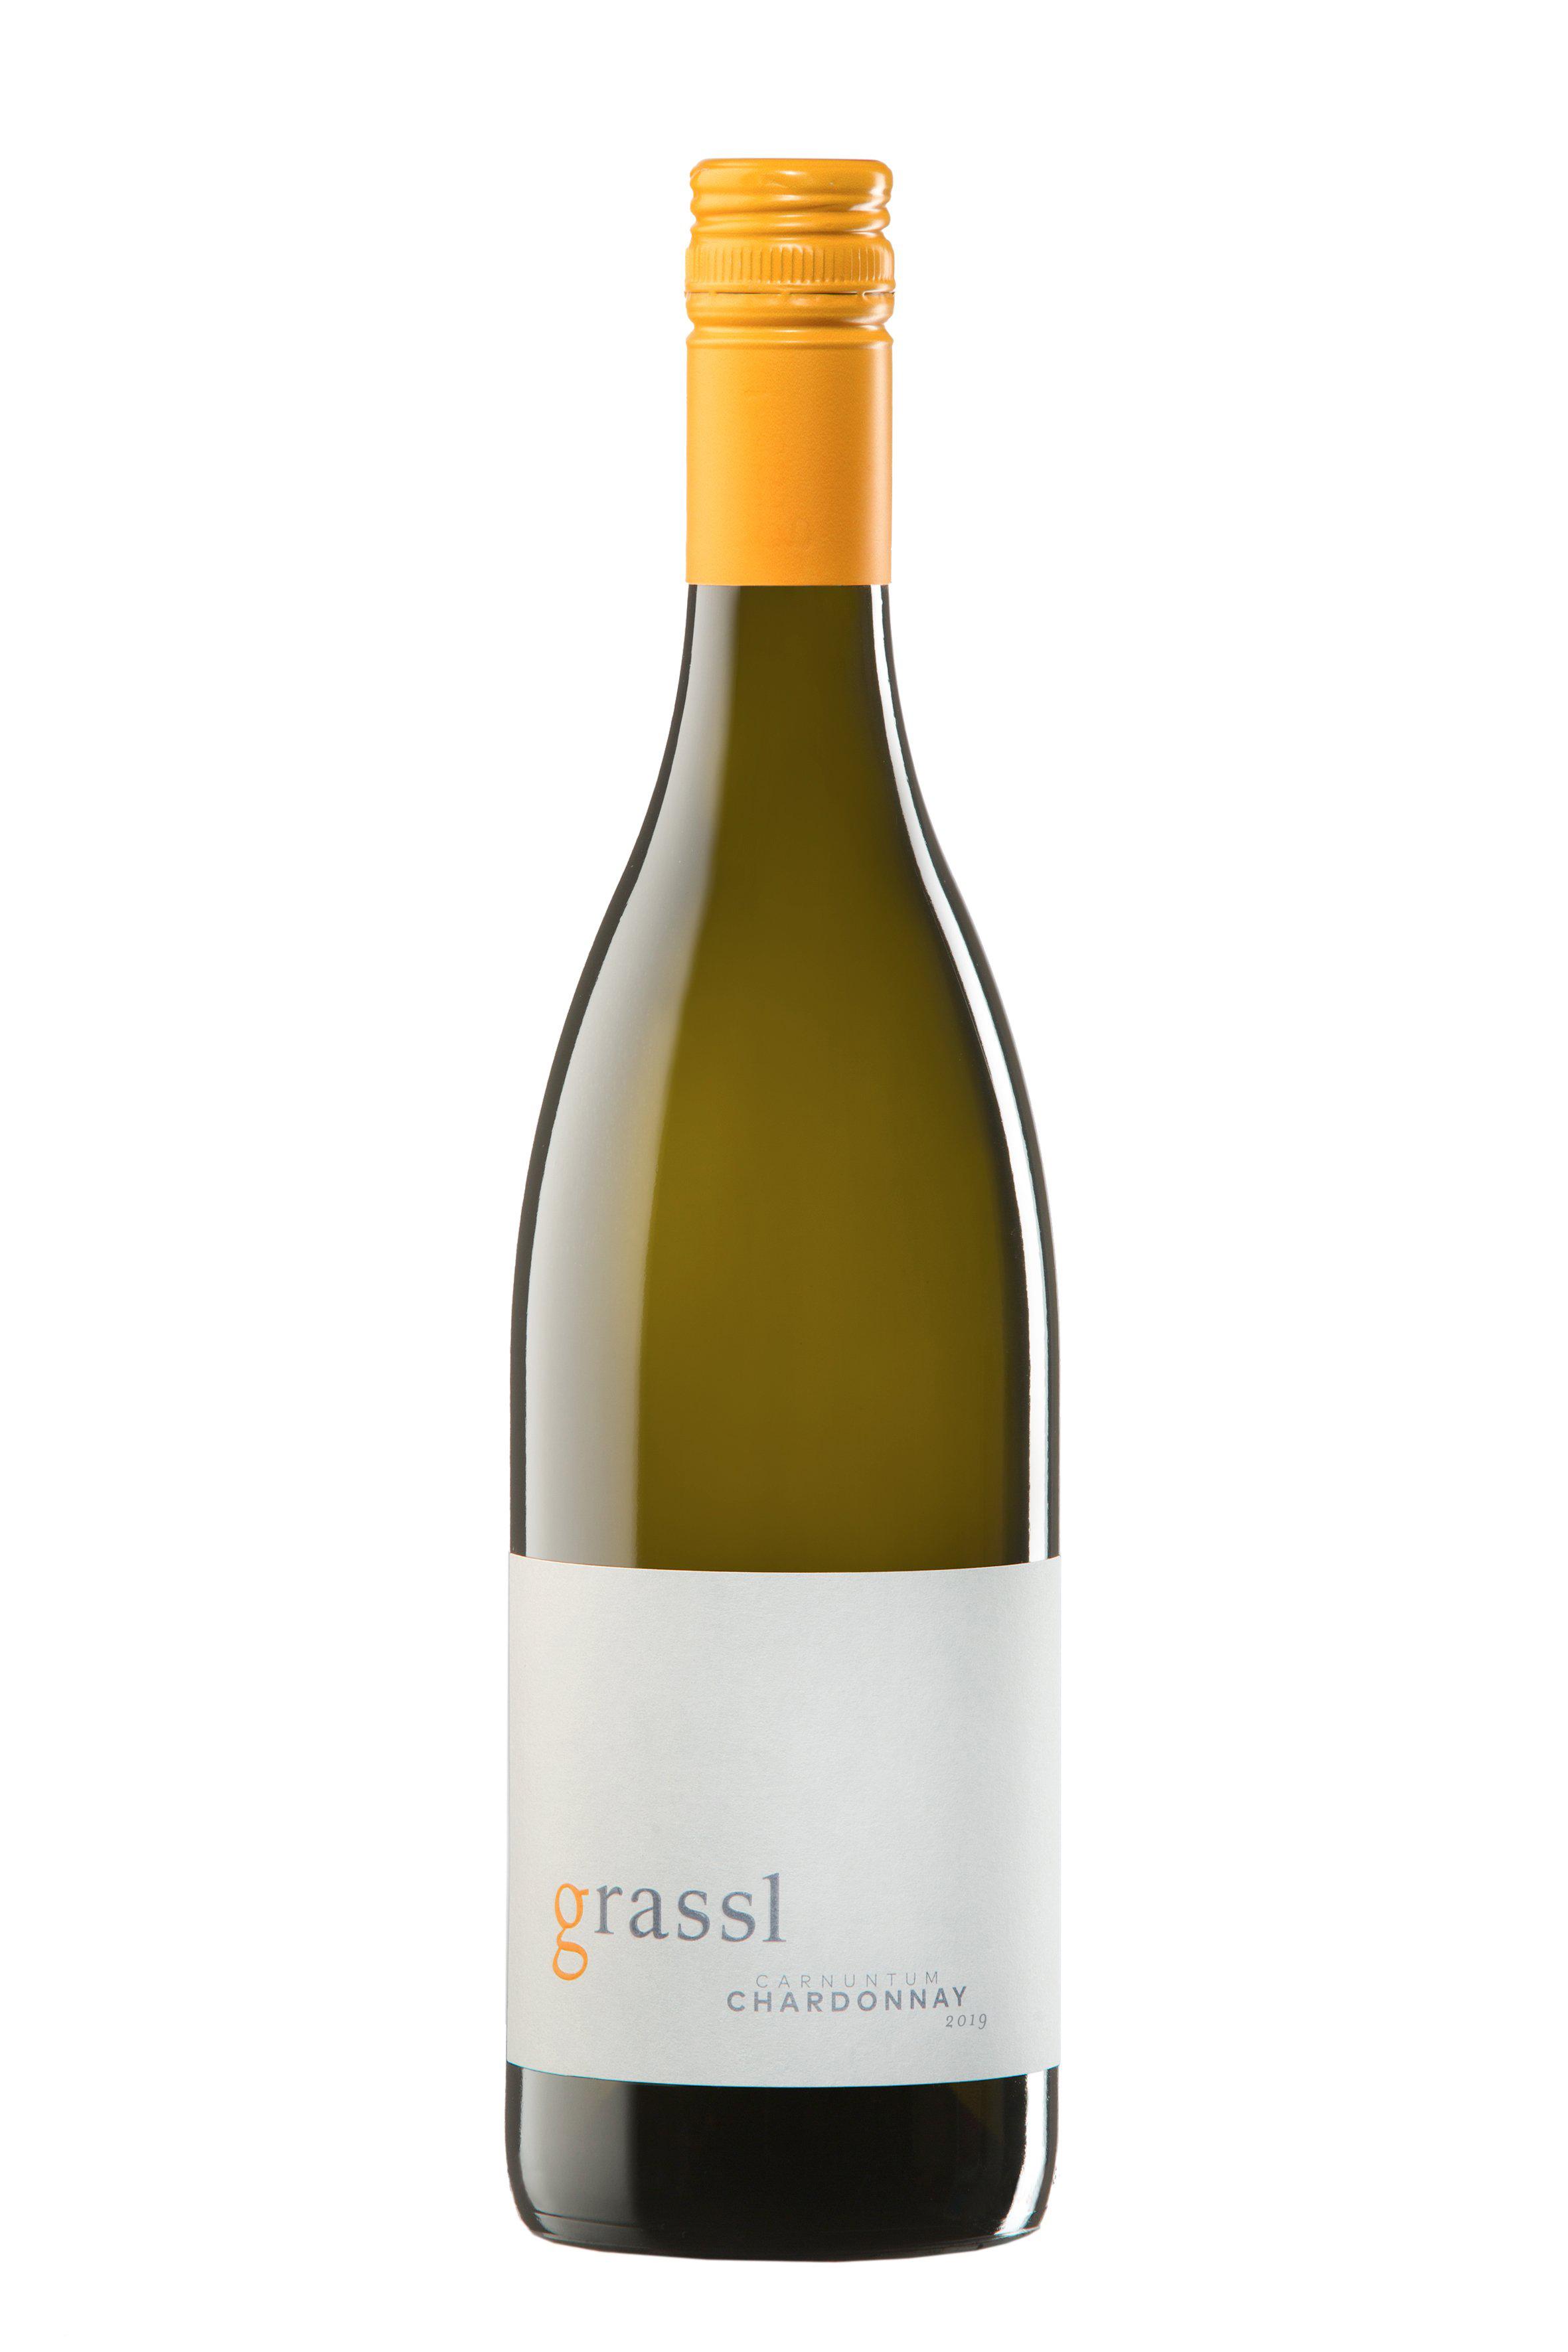 Philipp Grassl Göttlesbrunnn Chardonnay 2019